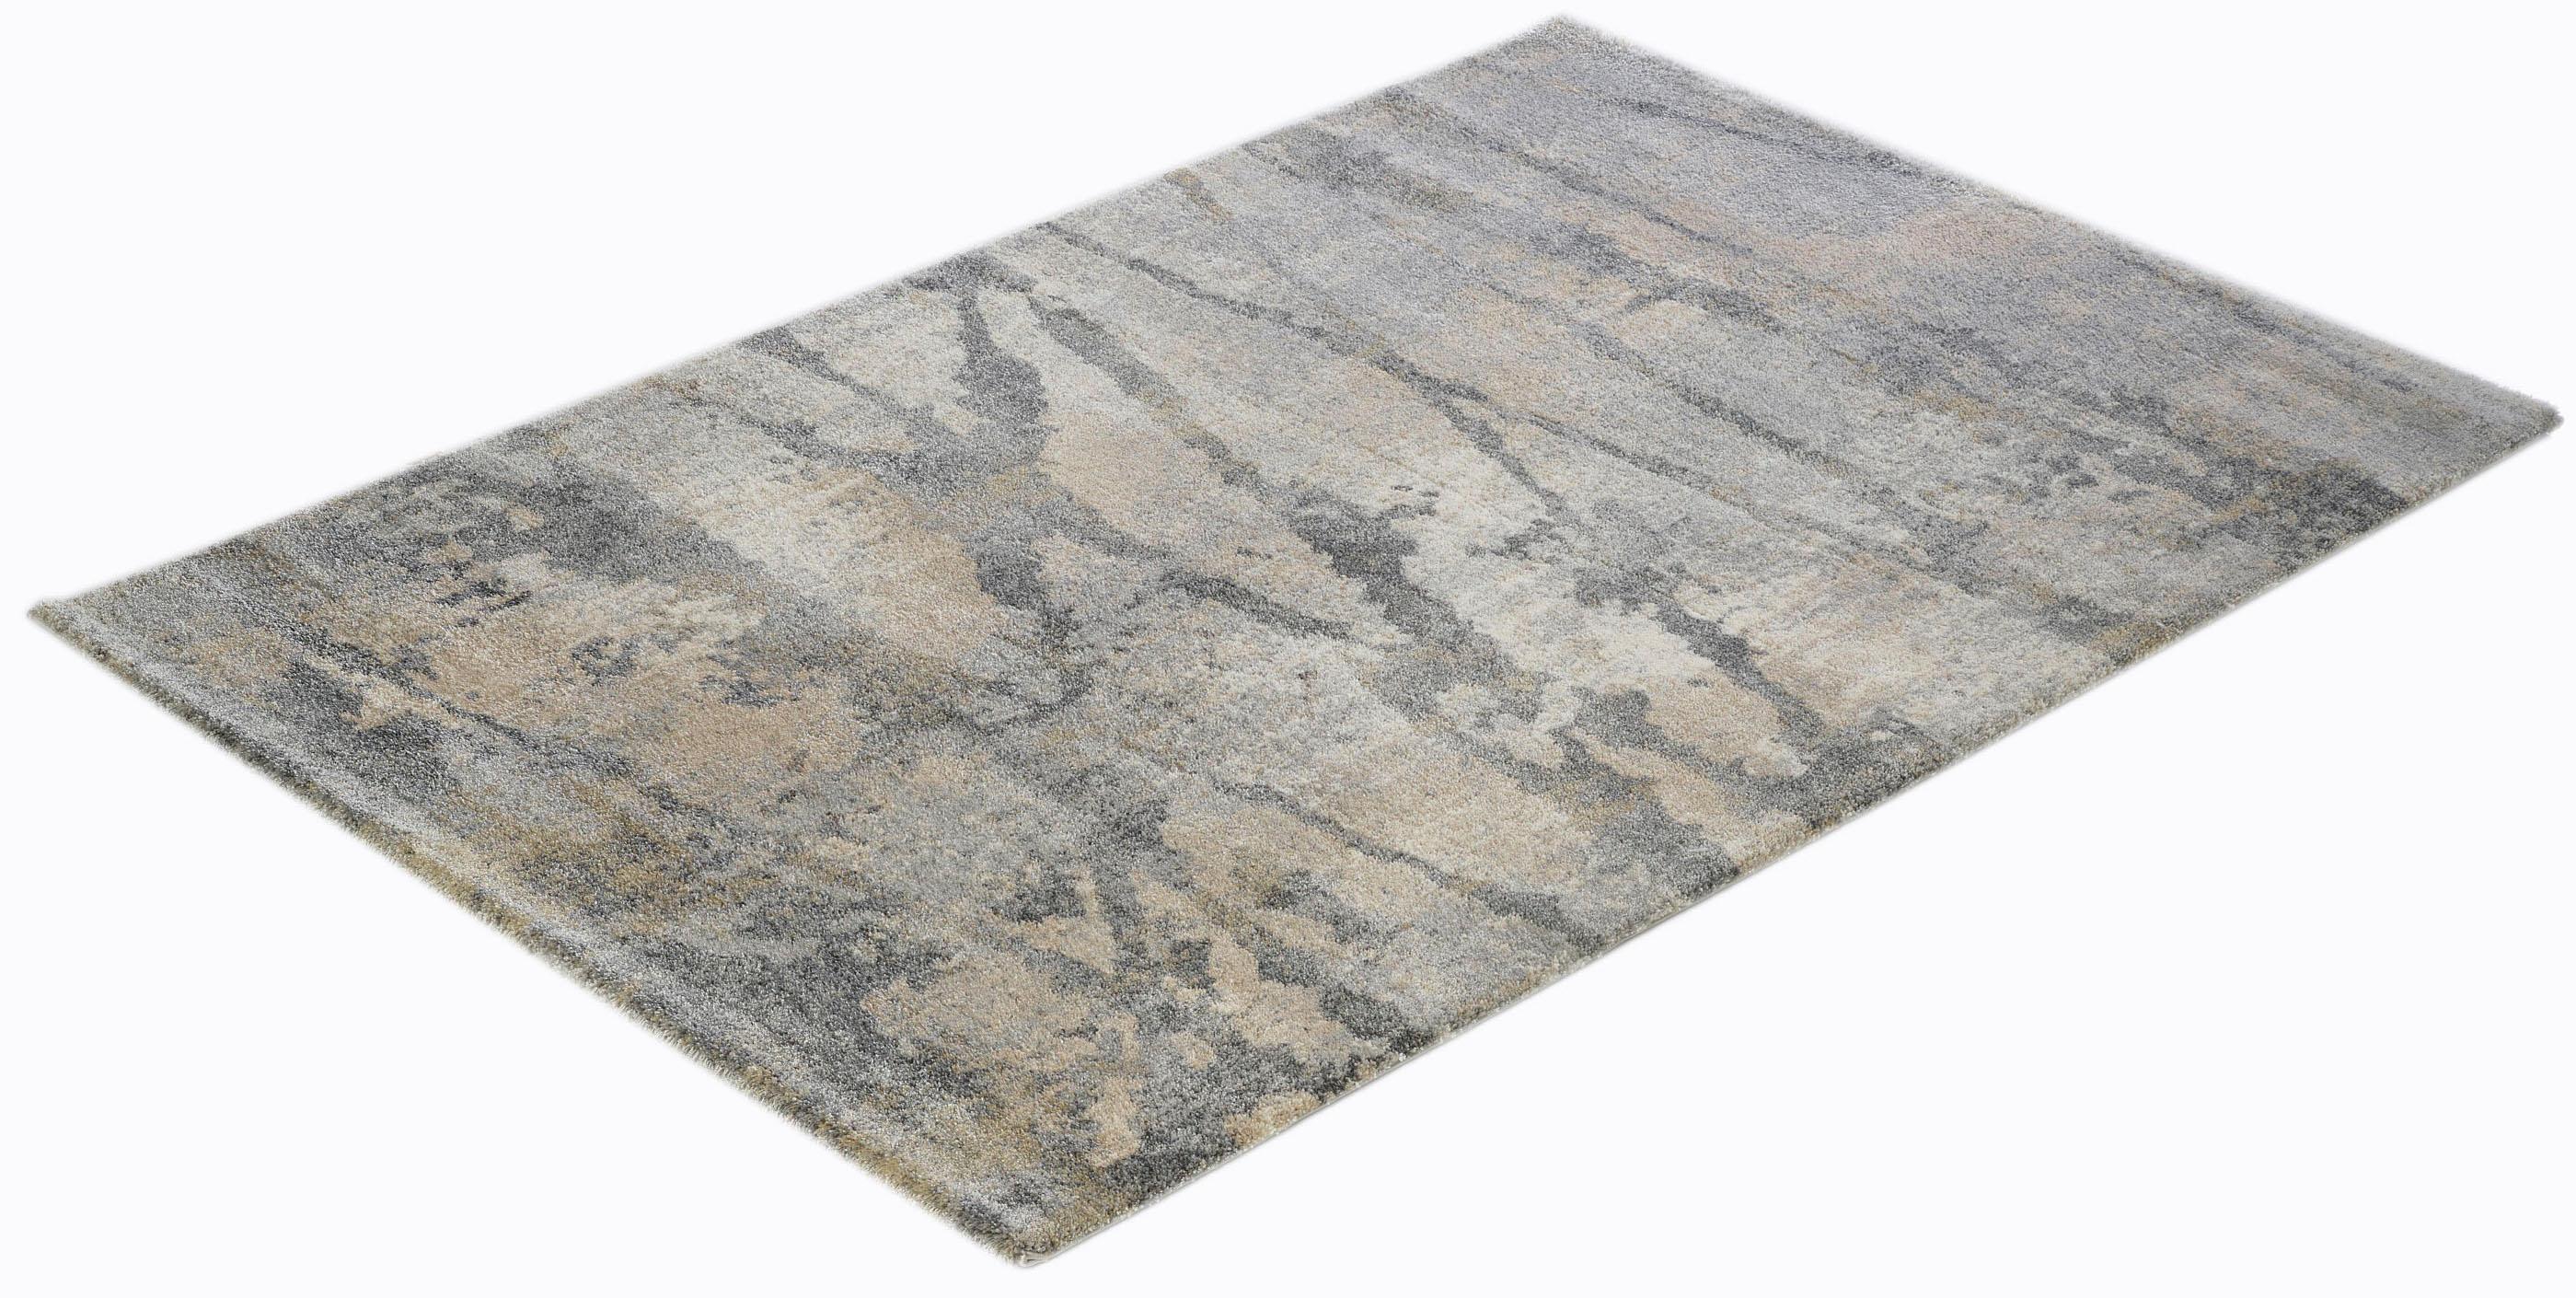 Teppich Bali 2603 Sanat Teppiche rechteckig Höhe 20 mm maschinell gewebt